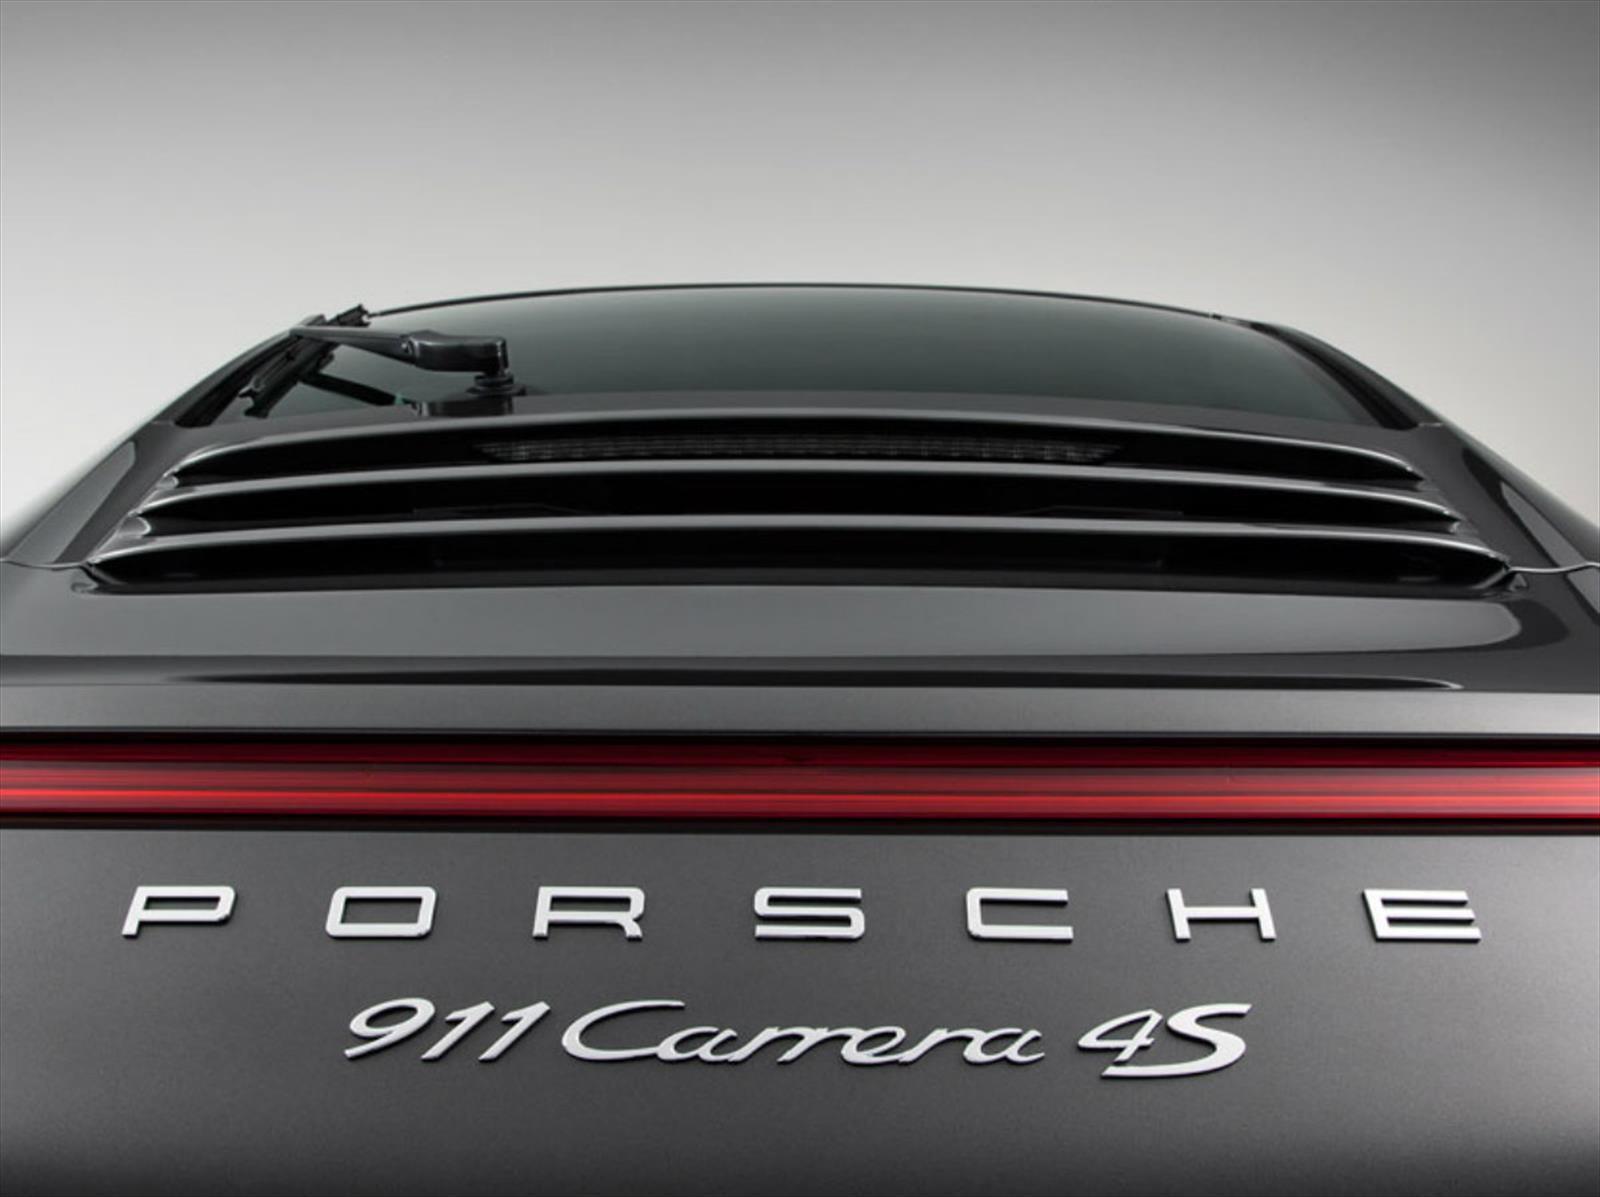 Porsche Passport permite manejar la gama de Porsche por una cuota mensual